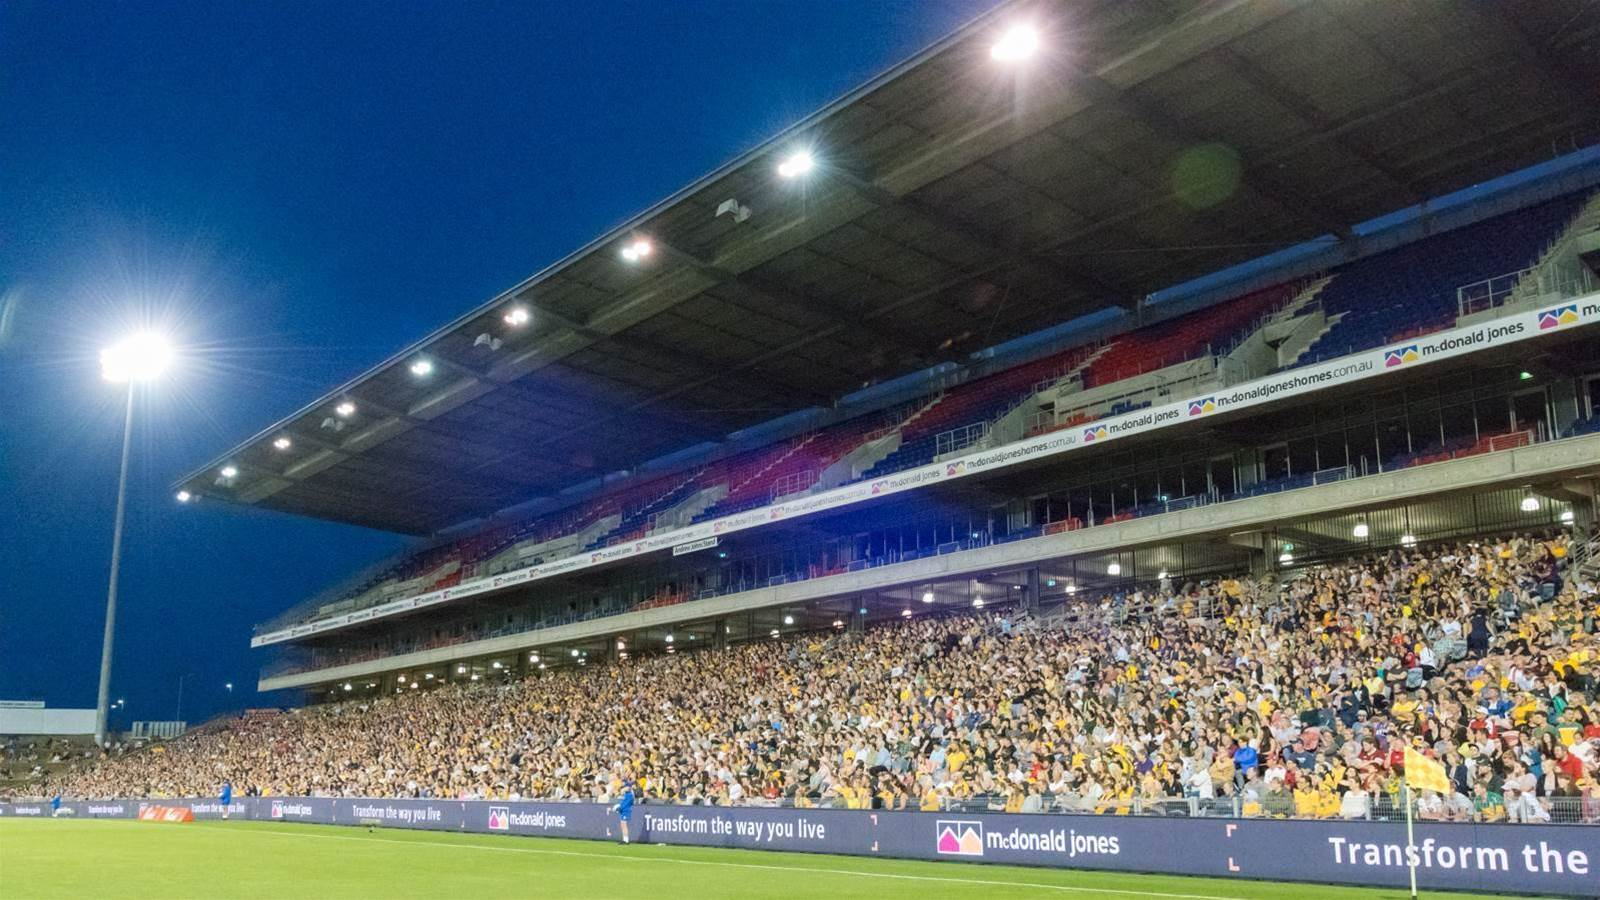 Bumper Matildas pic special: Australia v Chile